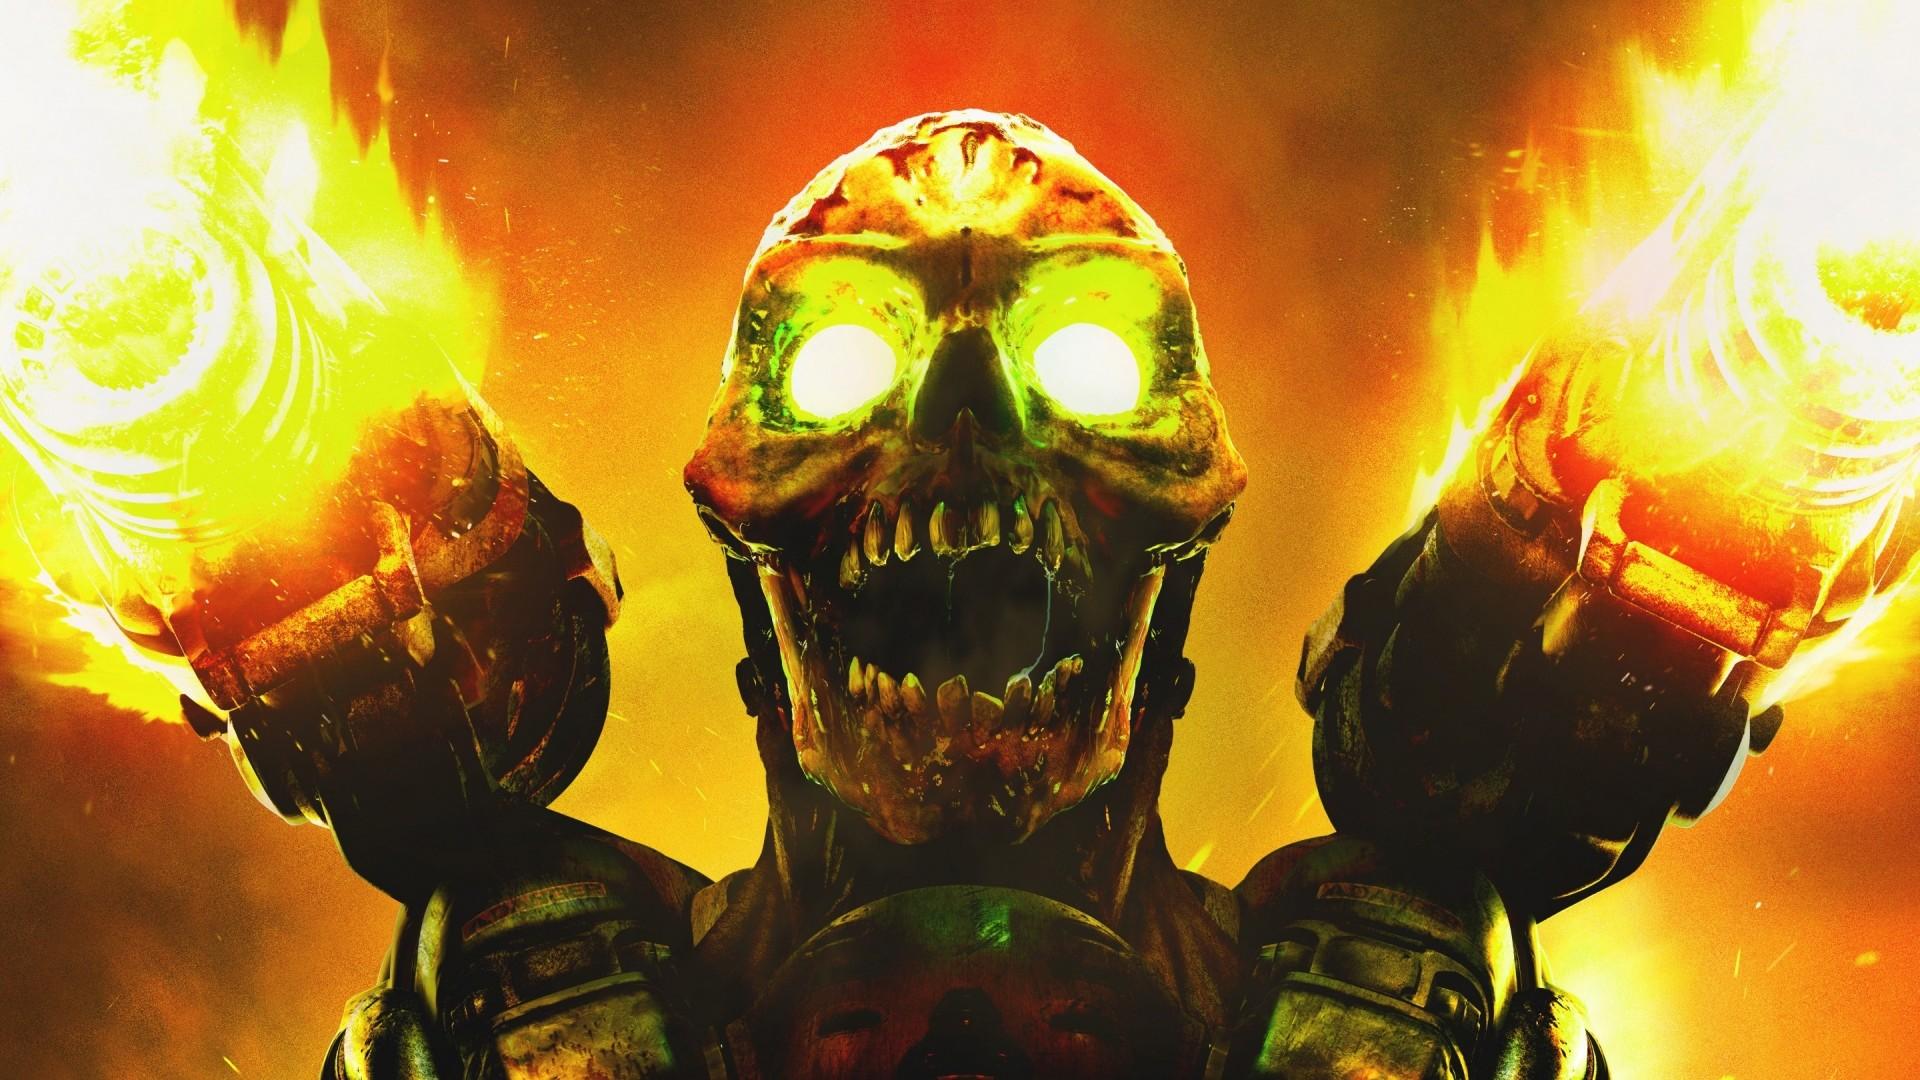 Wallpaper doom, skull, fire, monster